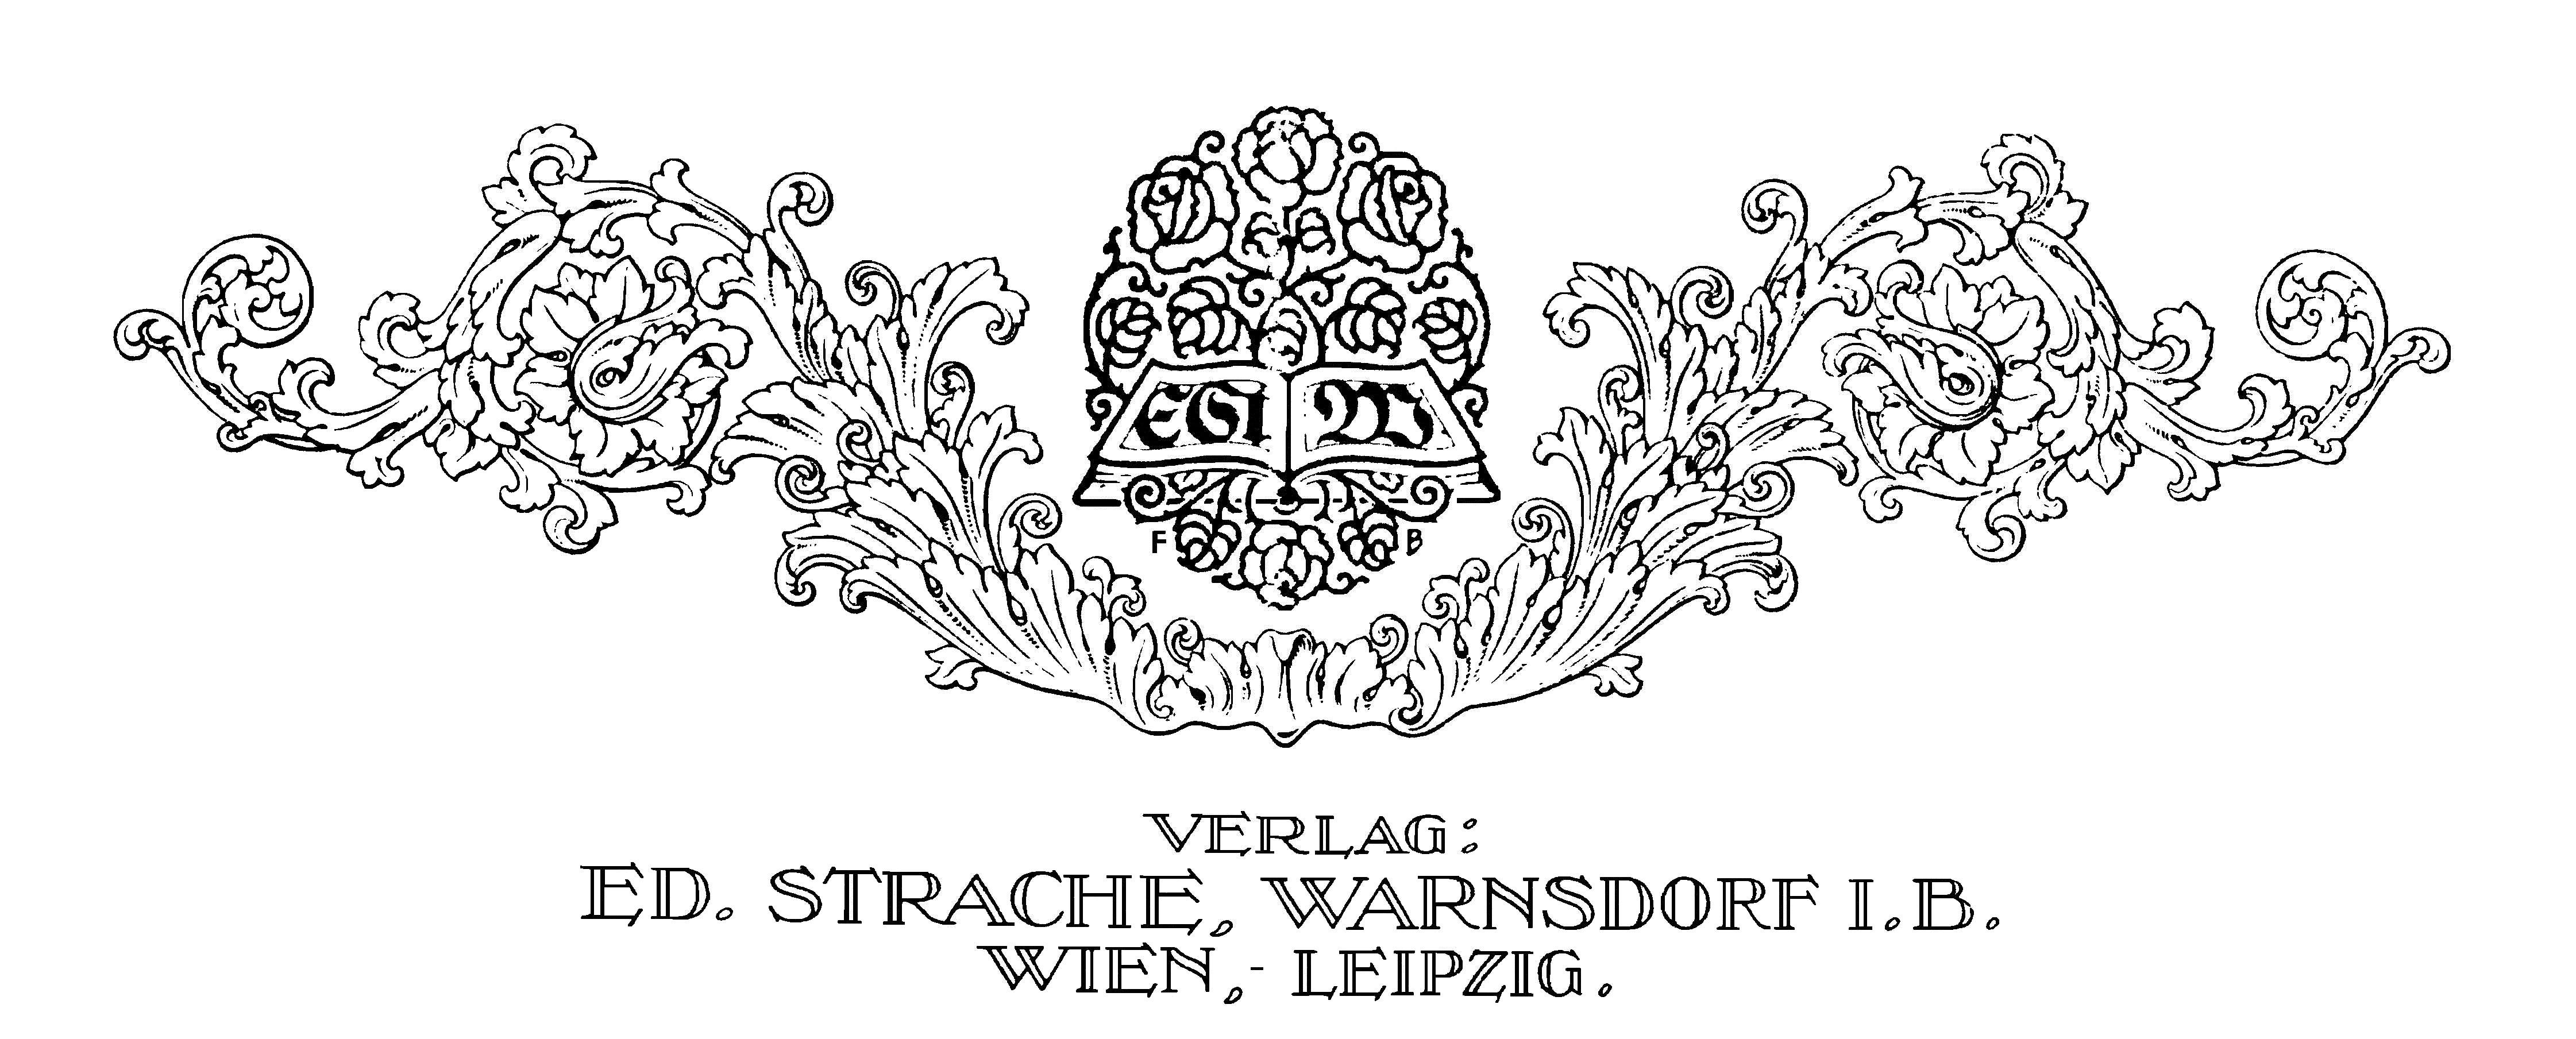 Ed. Strache Briefkopf